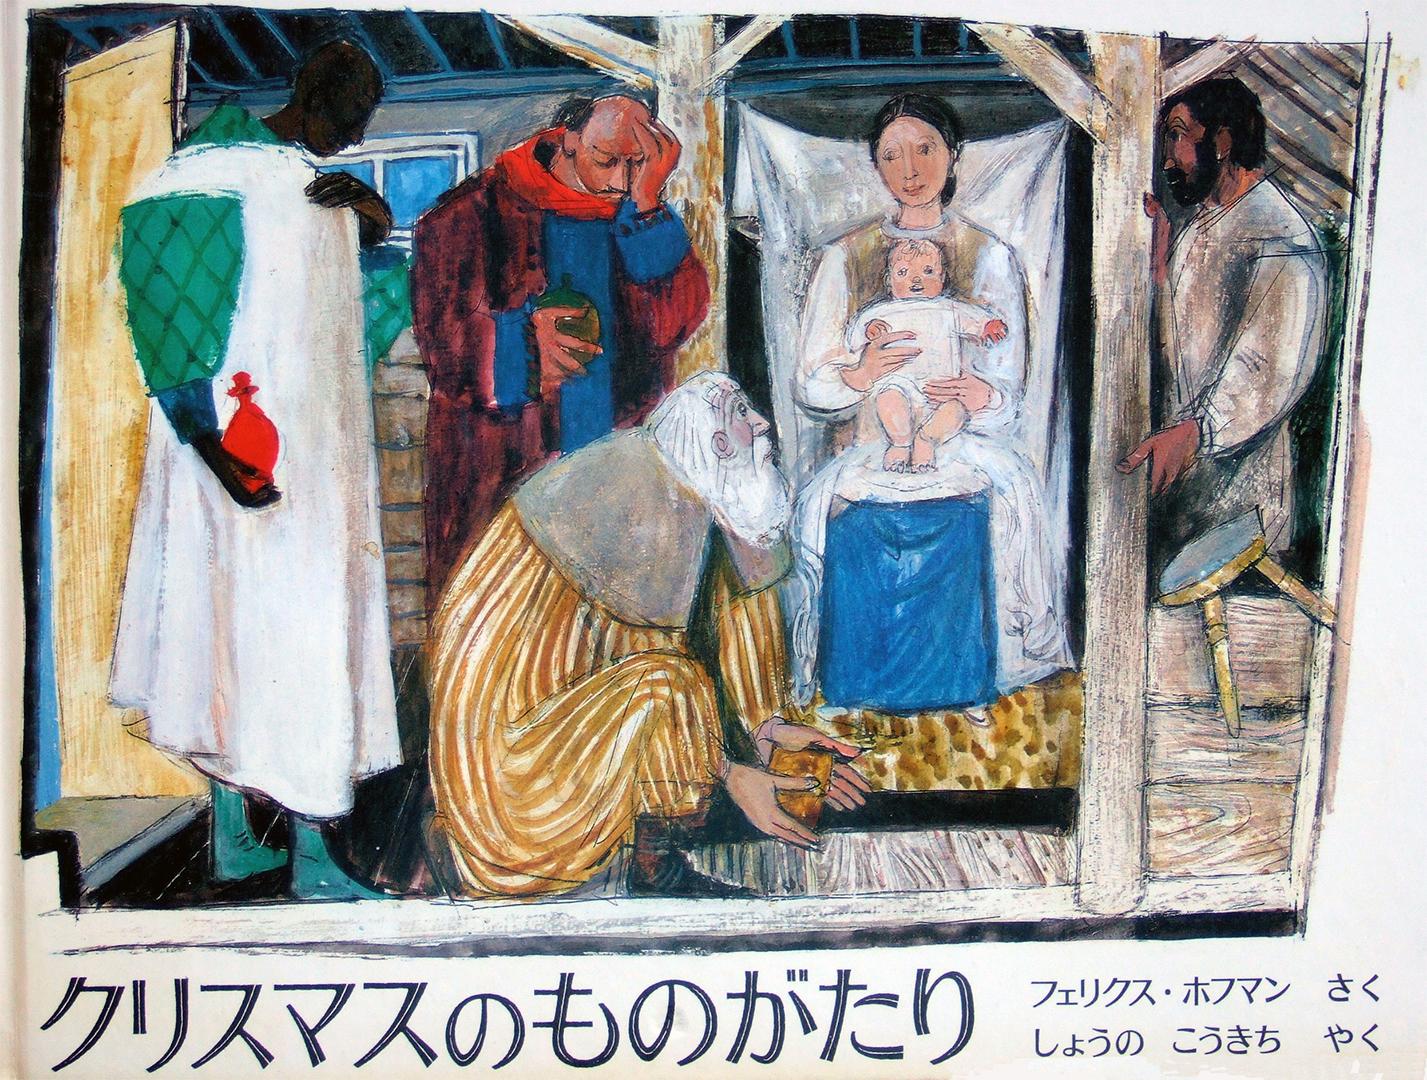 L'ouvrage Weihnachten en japonais: édition originale de 1975, illustrée par Felix Hoffmann.